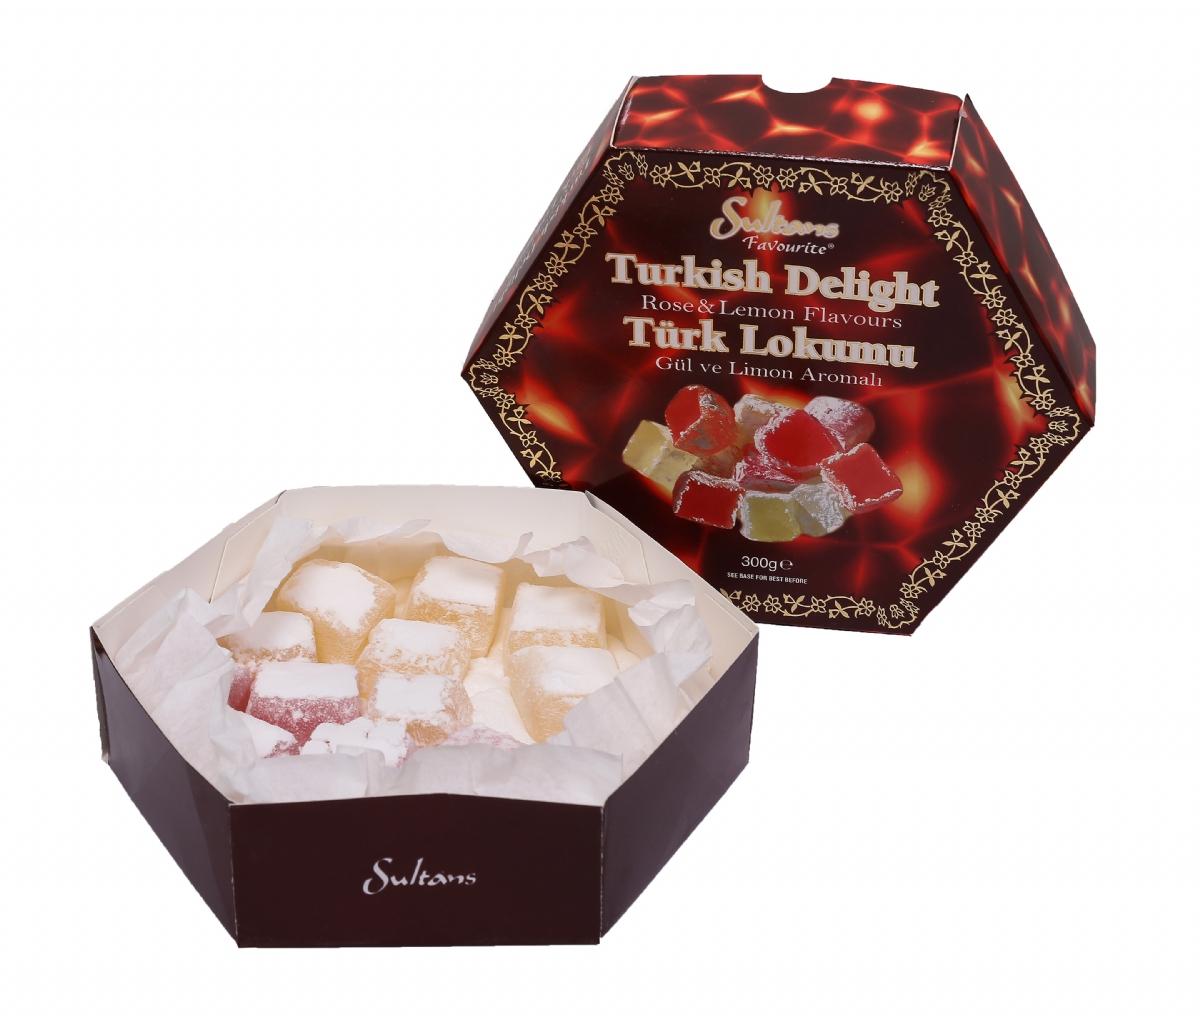 Gül ve Limon Aromalı Türk Lokumu